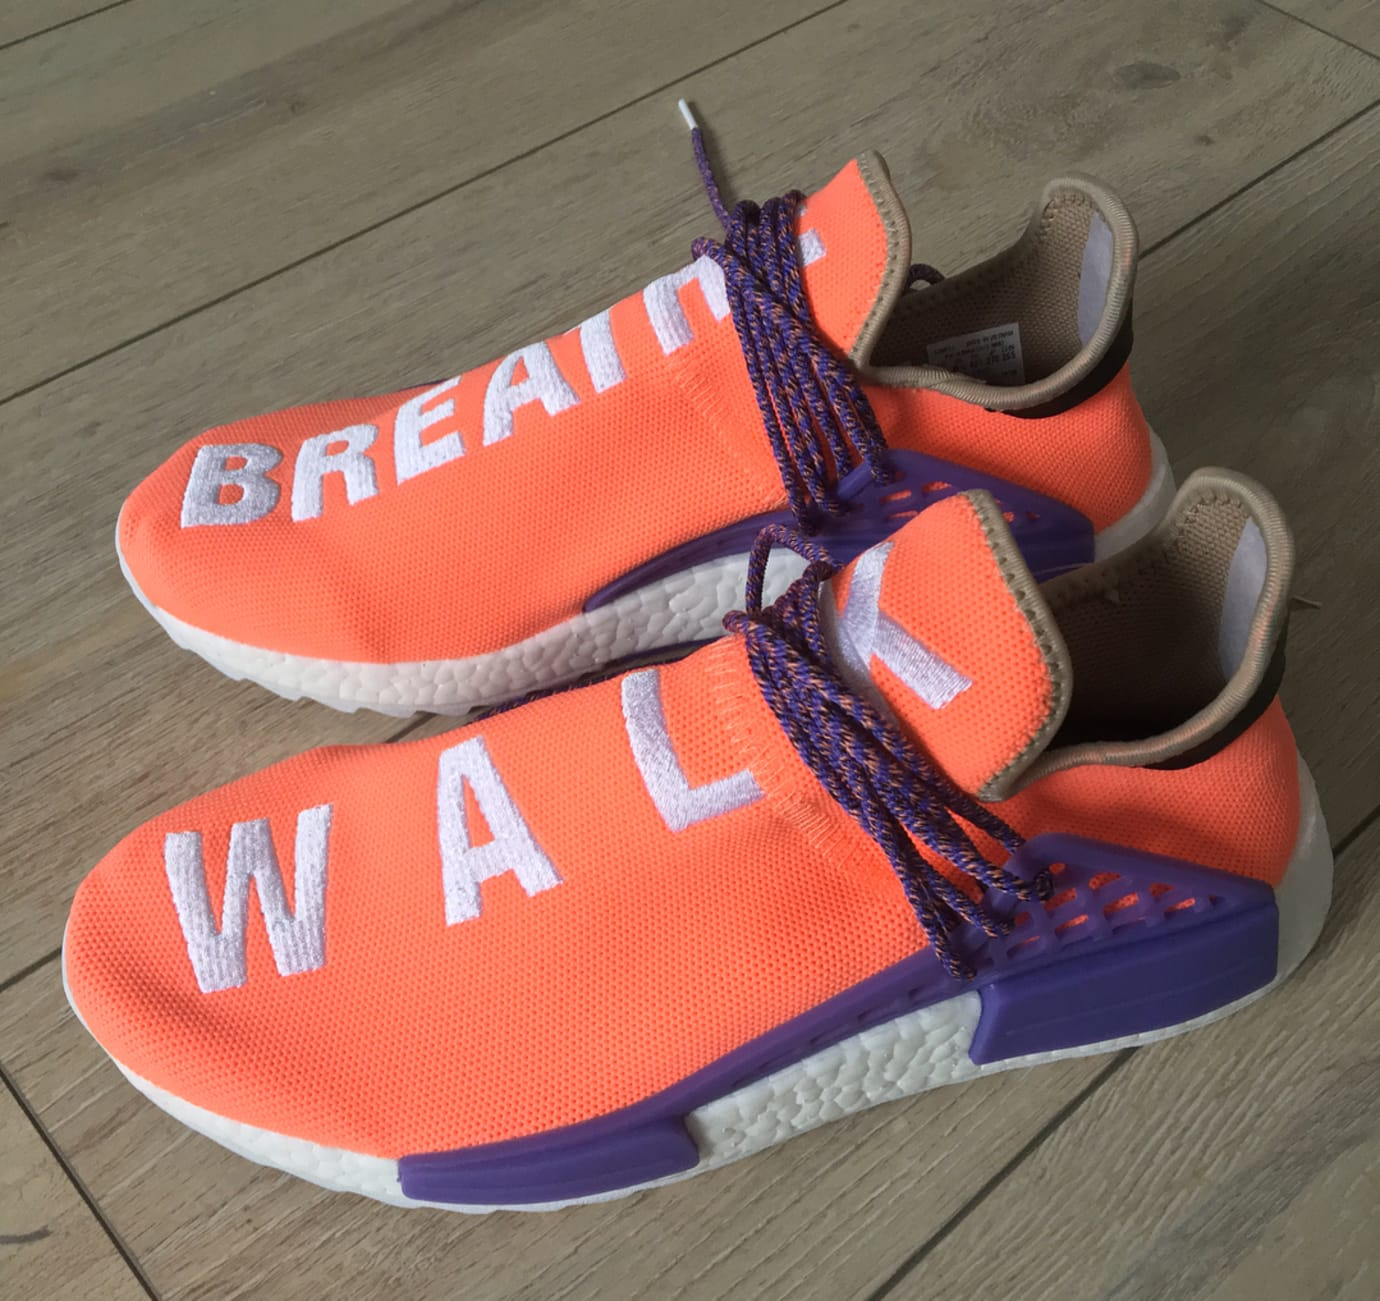 Pharrell x Adidas NMD Hu Breathe Walk Orange Purple Sample Profile